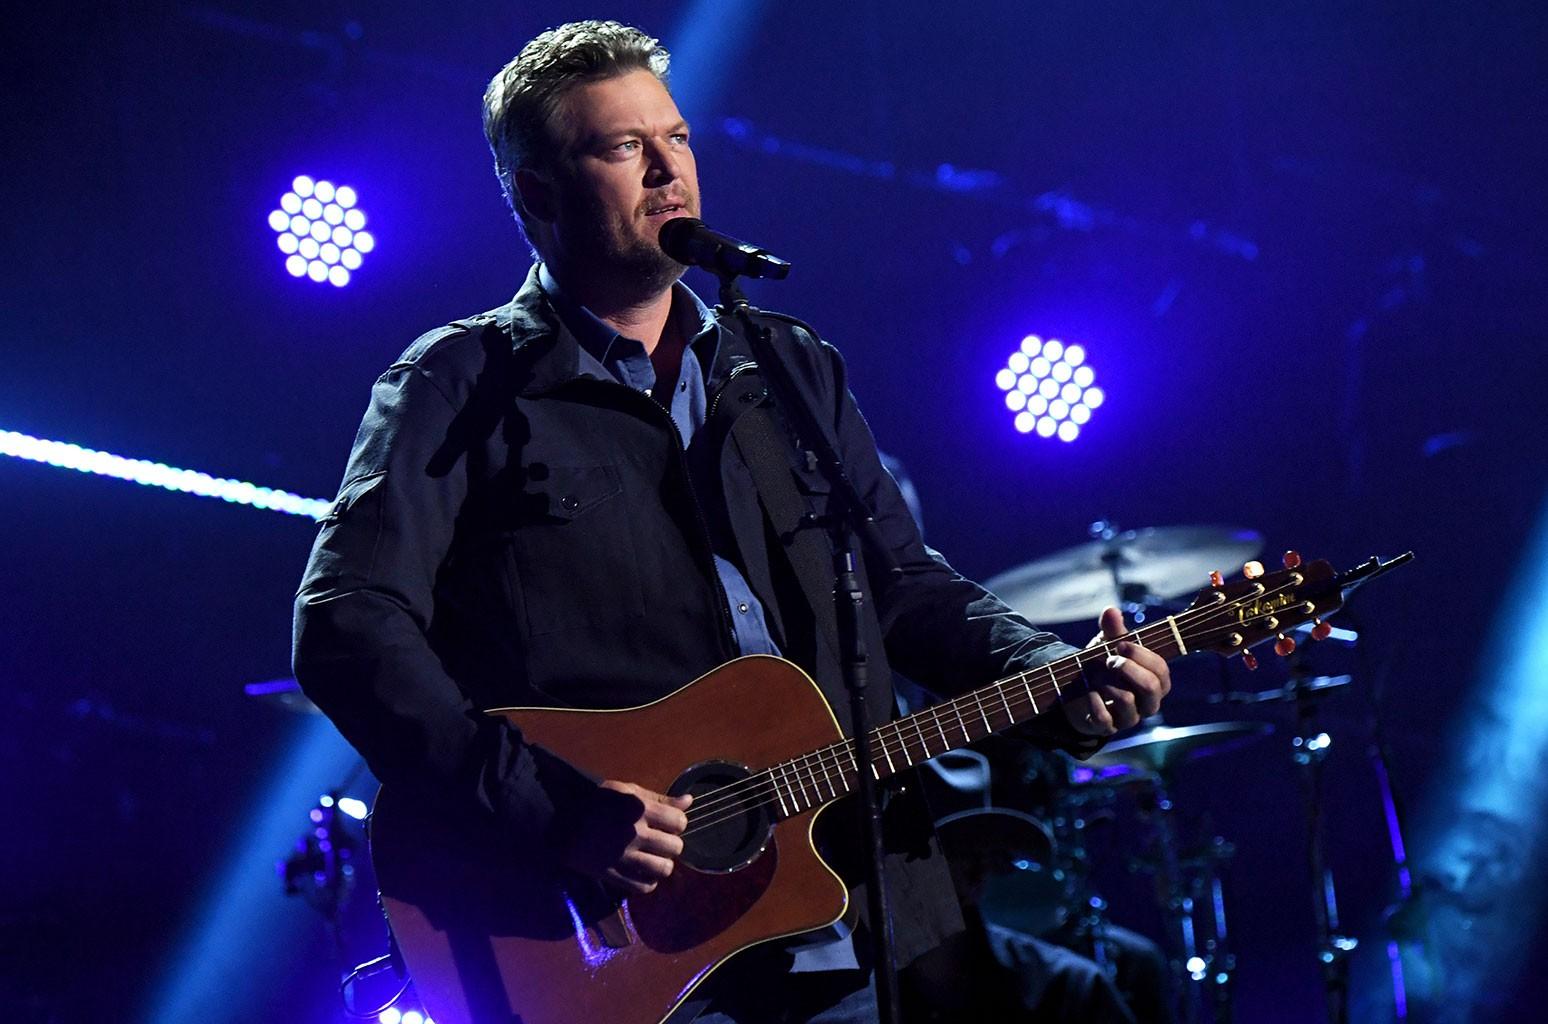 Blake Shelton Christmas Special 2021 Blake Shelton Austin And Minimum Wage At The 2021 Acm Awards Billboard